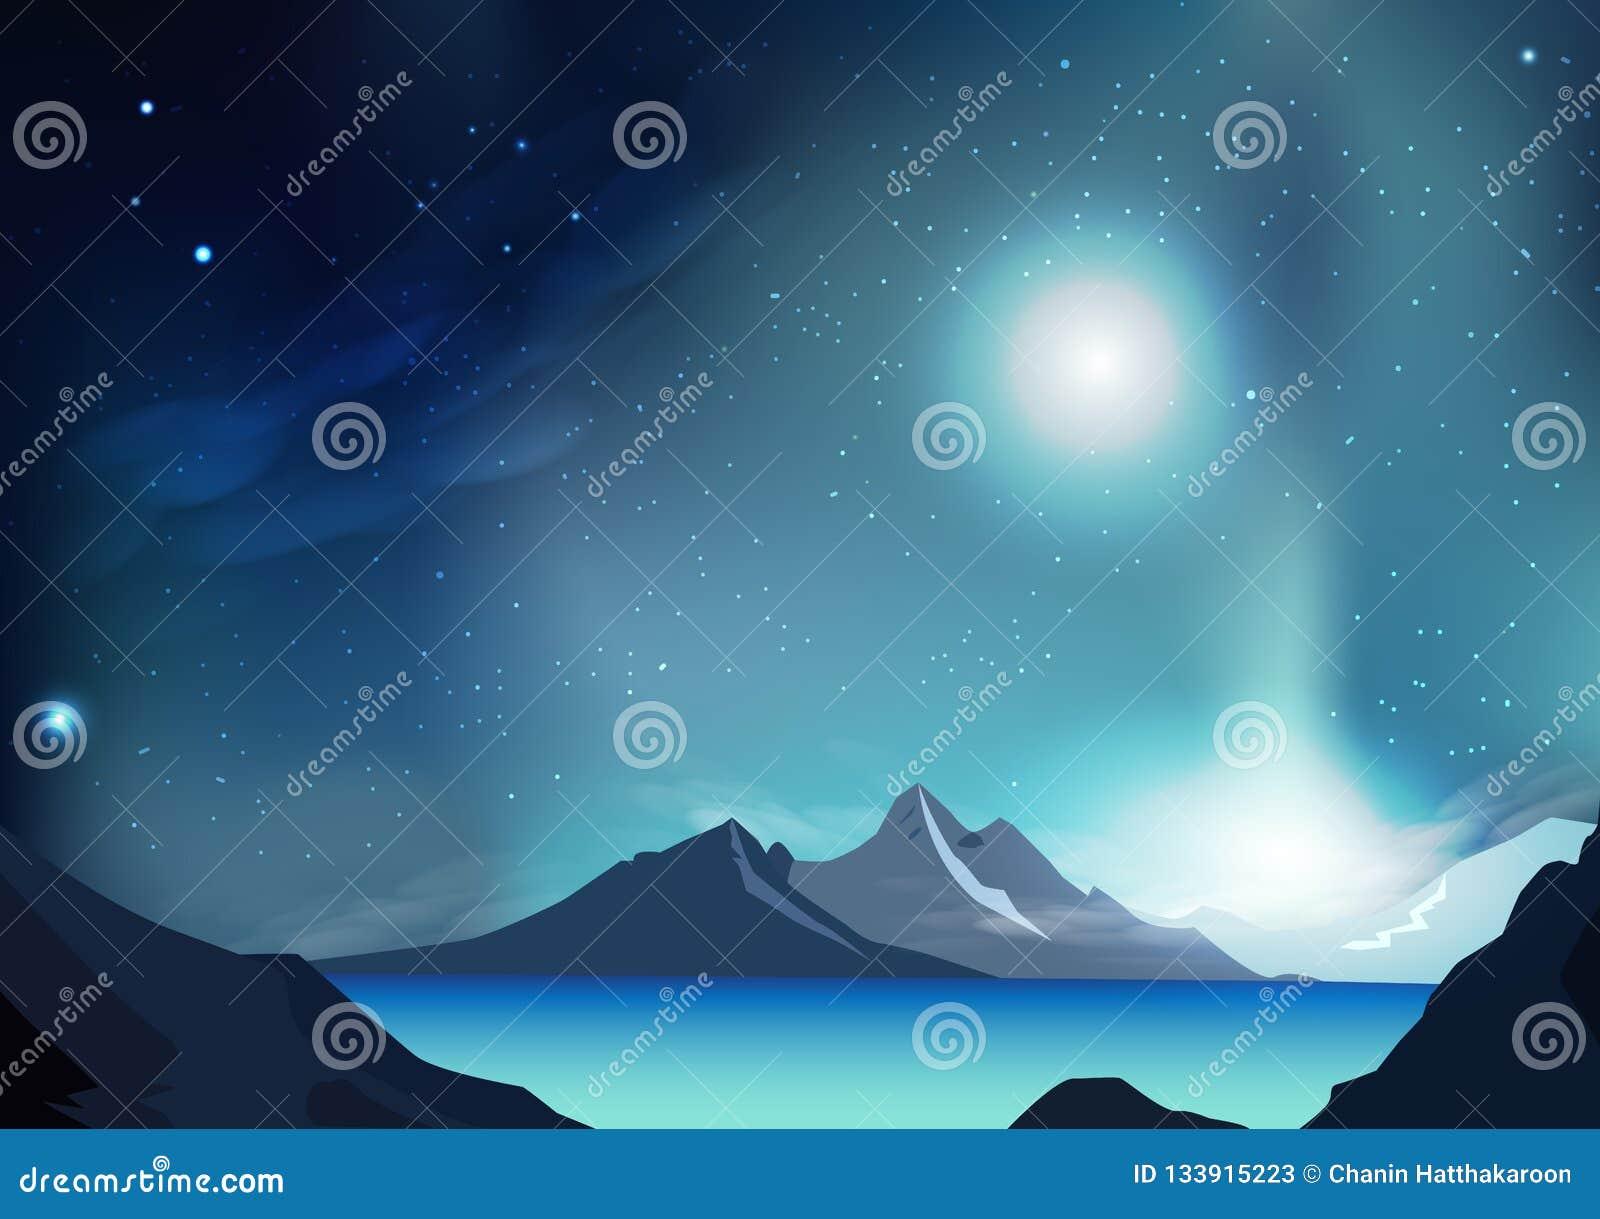 För bakgrundsvektor för fantasi abstrakt illustration med planeten och